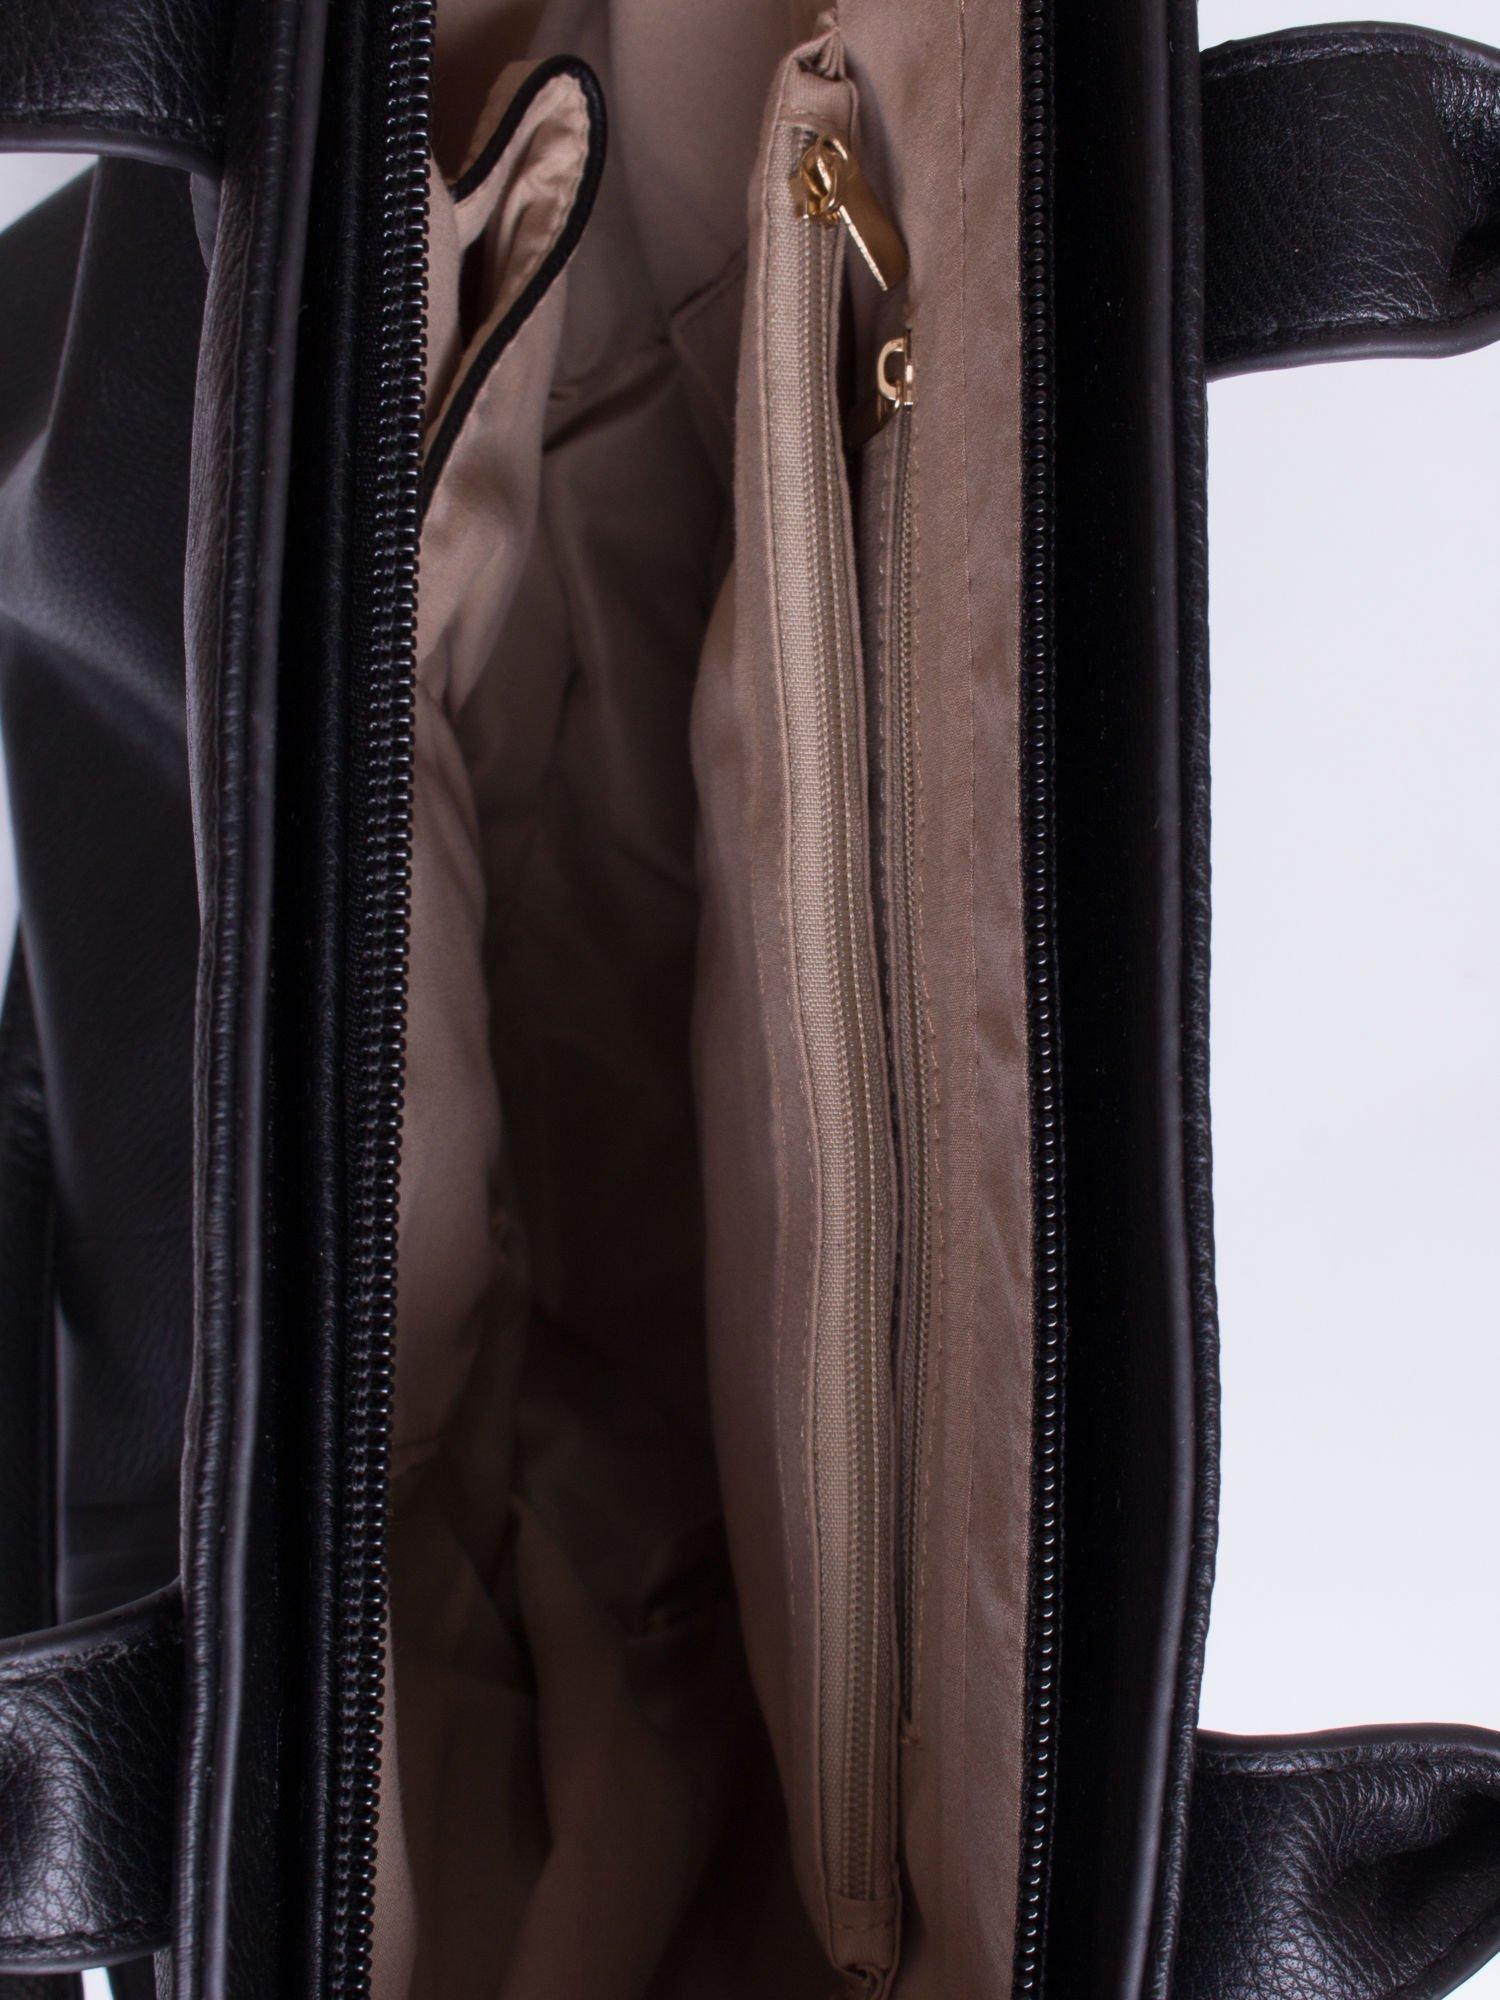 Czarna torba damska do ręki                                  zdj.                                  4